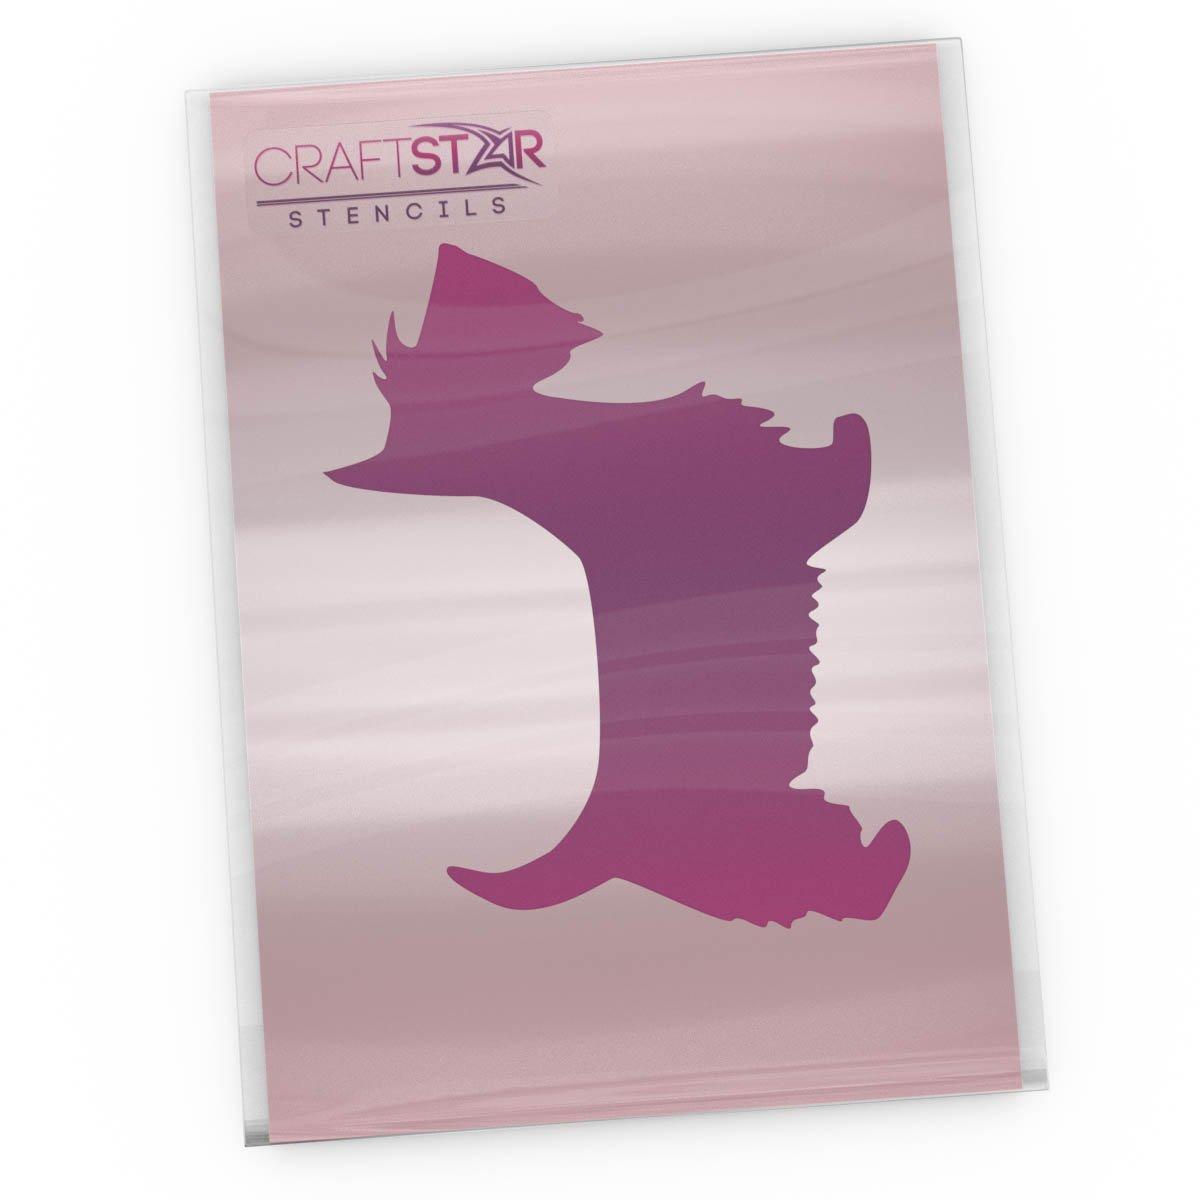 CraftStar Scottie Dog Stencil - Reusable Mylar Dog Craft Stencil